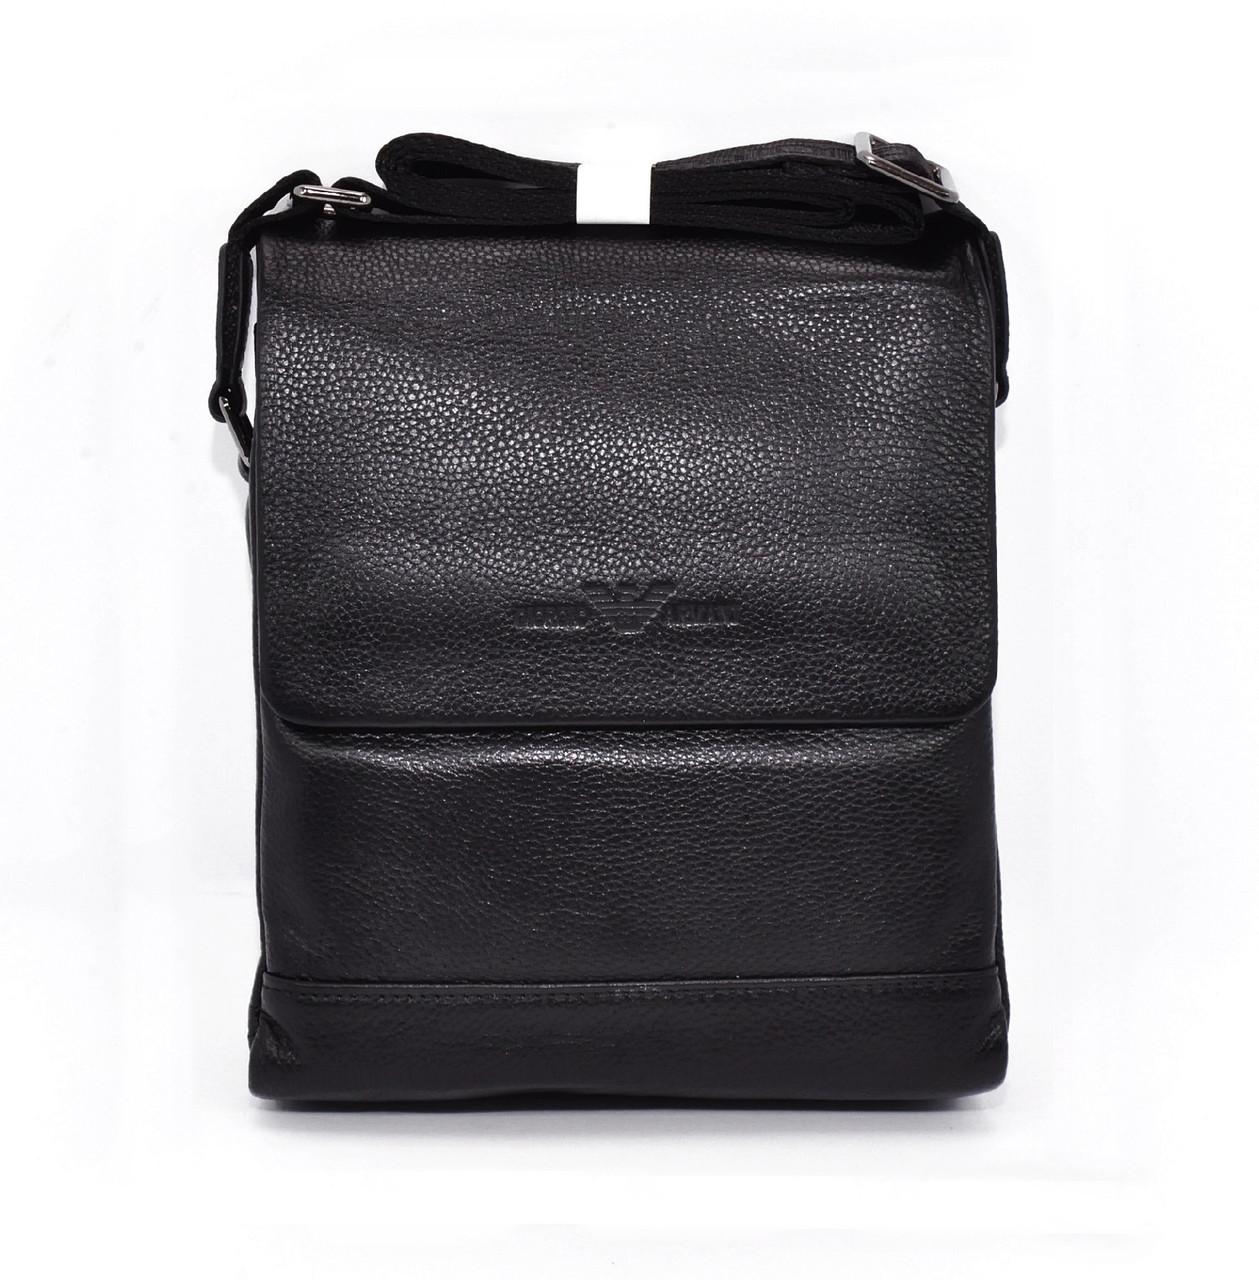 Сумка мужская средняя кожаная планшет черная Giorgio Armani 7911-2 ... 812868691c5